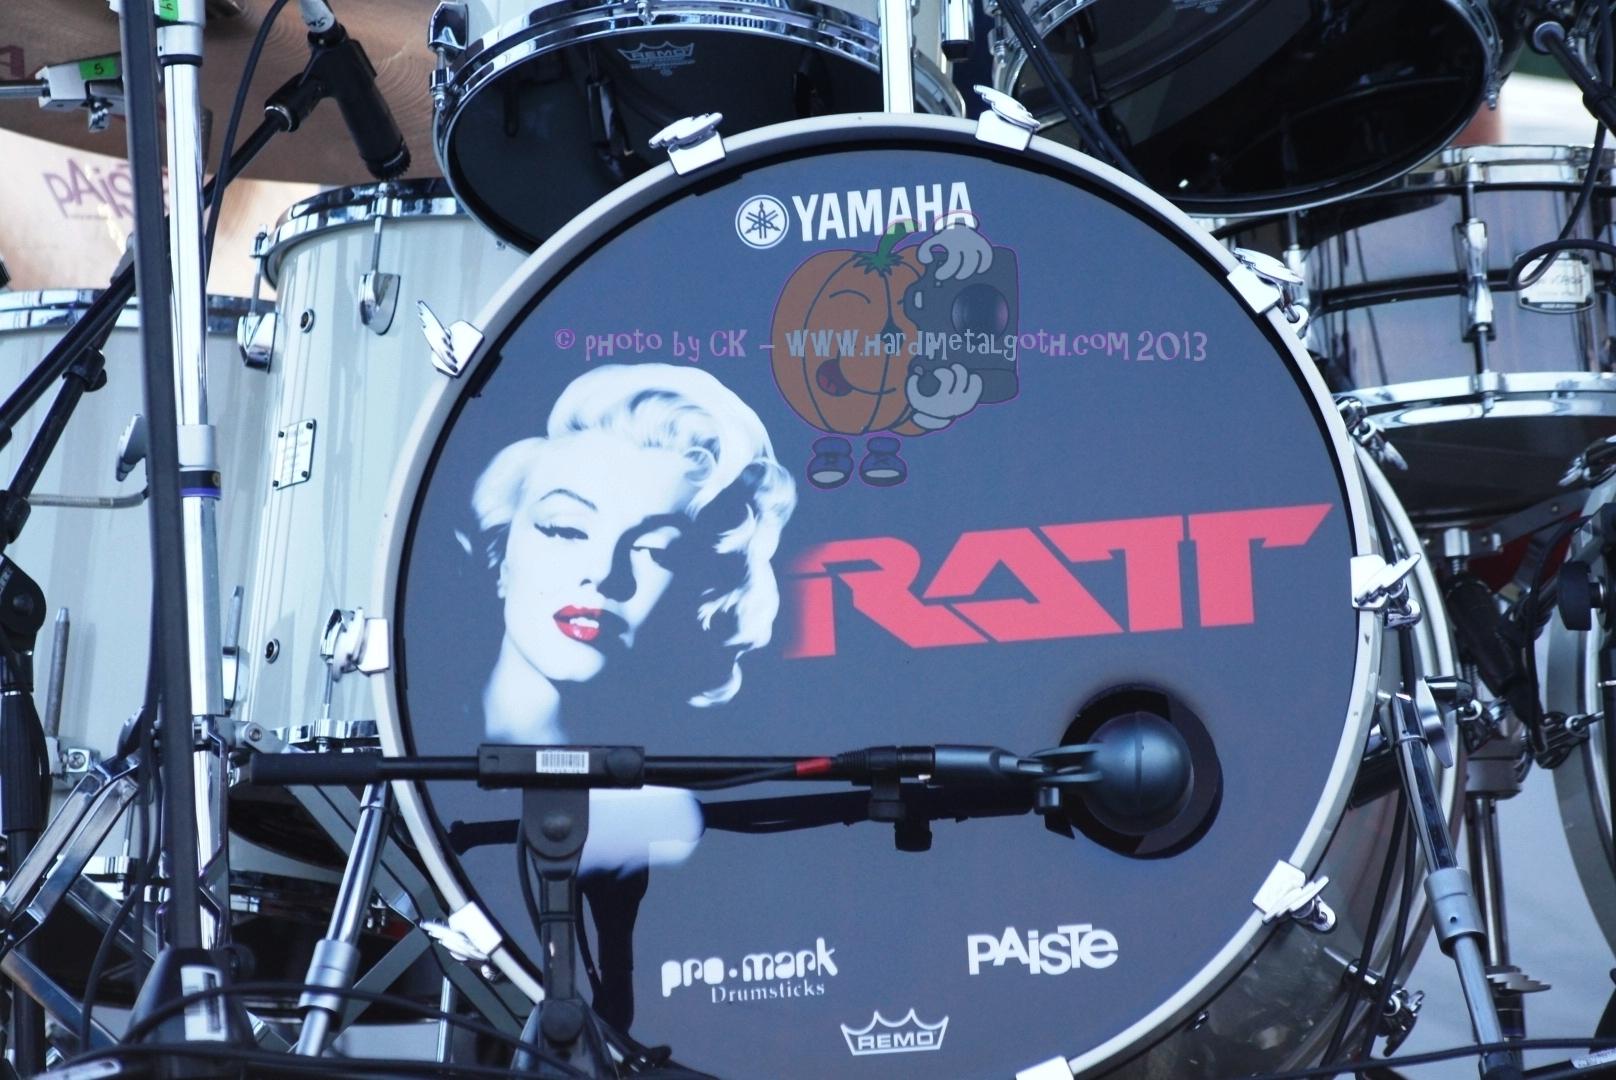 Ratt_01.jpg